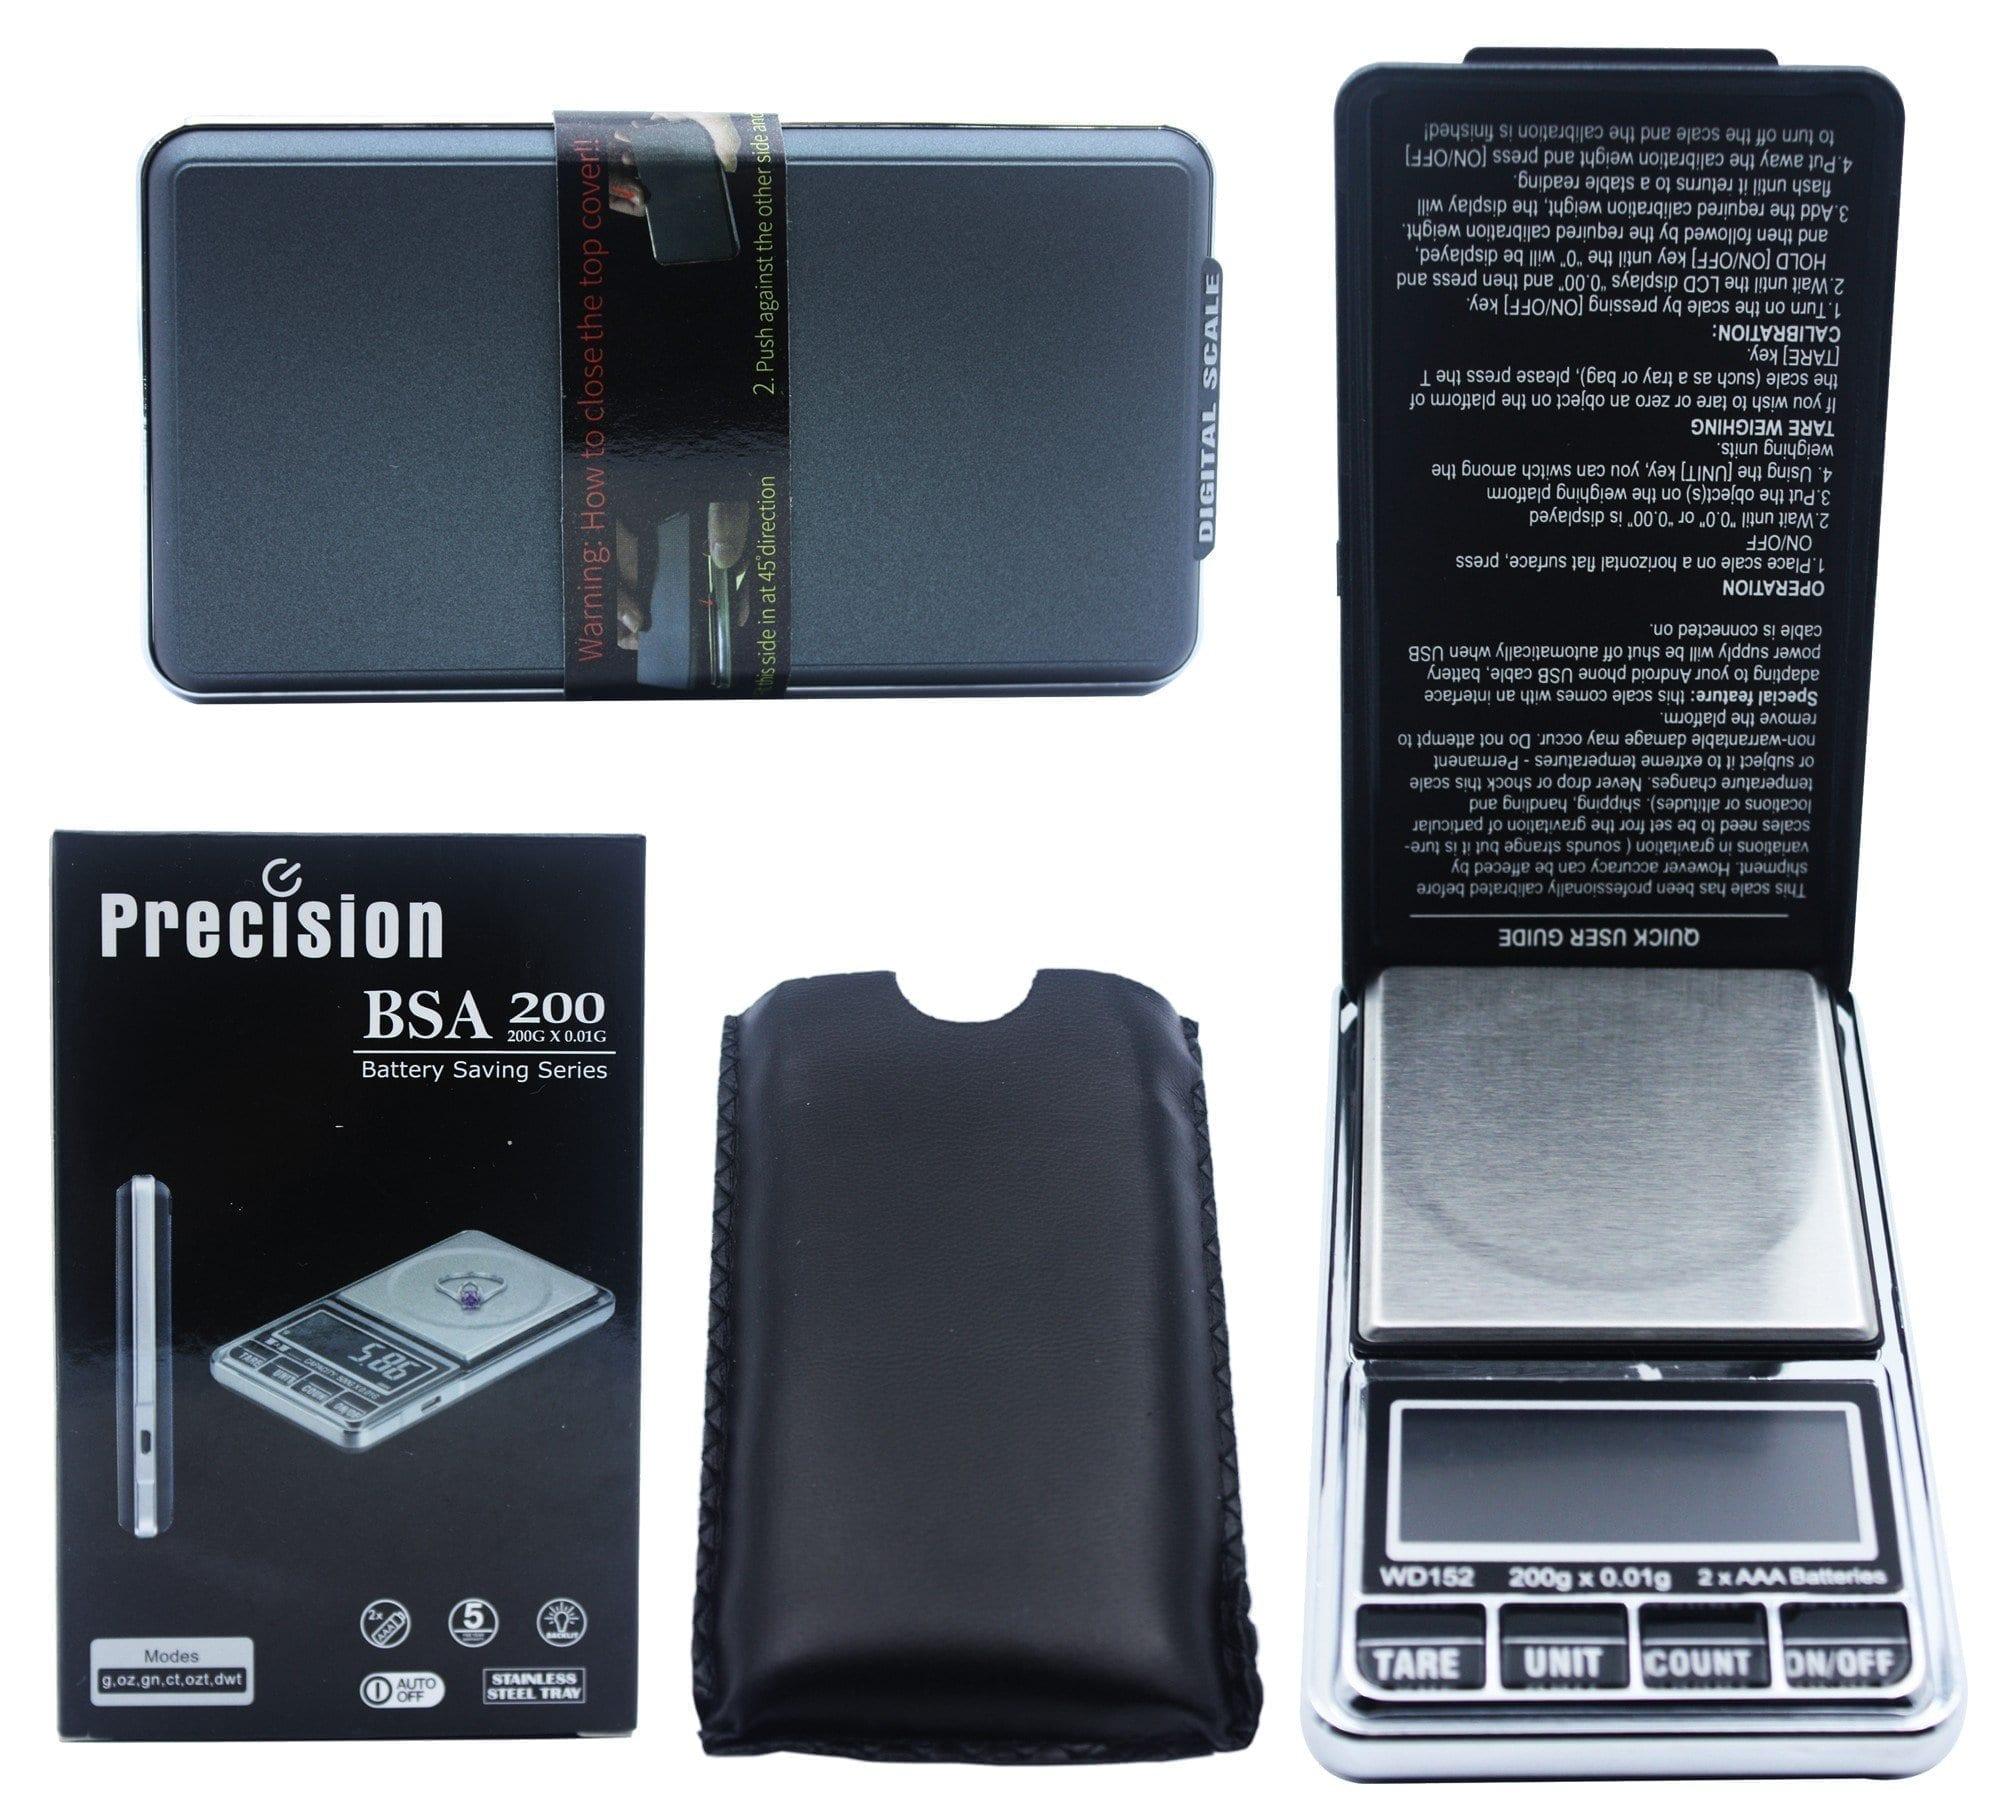 Precision BSA 200g X 0.01g